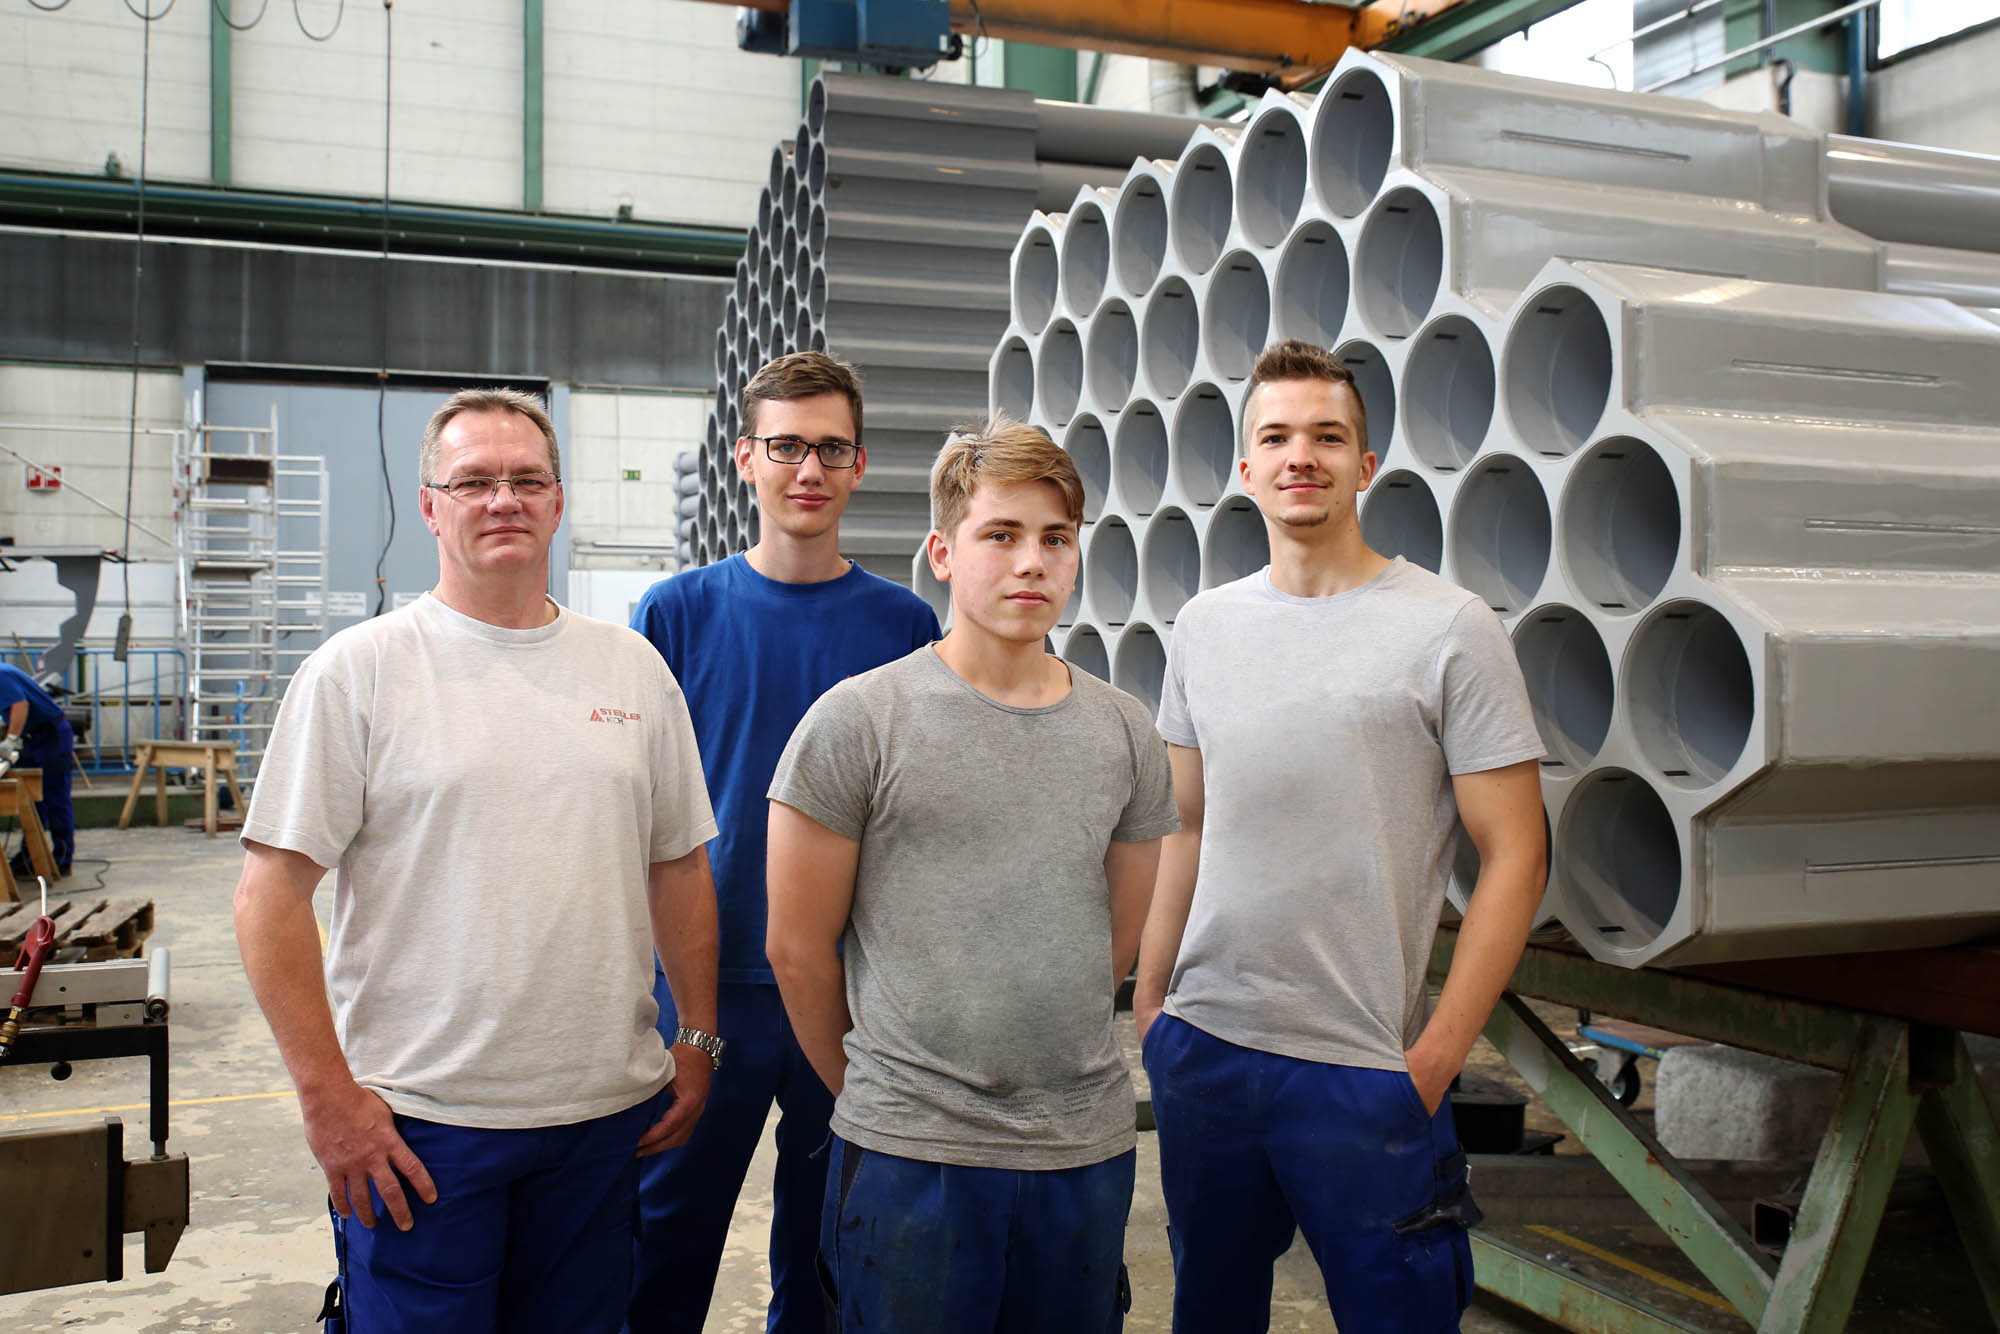 Fachausbilder der Verfahrensmechaniker Fachrichtung Kunststoff- und Kautschuktechnik (links) mit drei seiner aktuellen Auszubildenden am Standort Höhr-Grenzhausen.